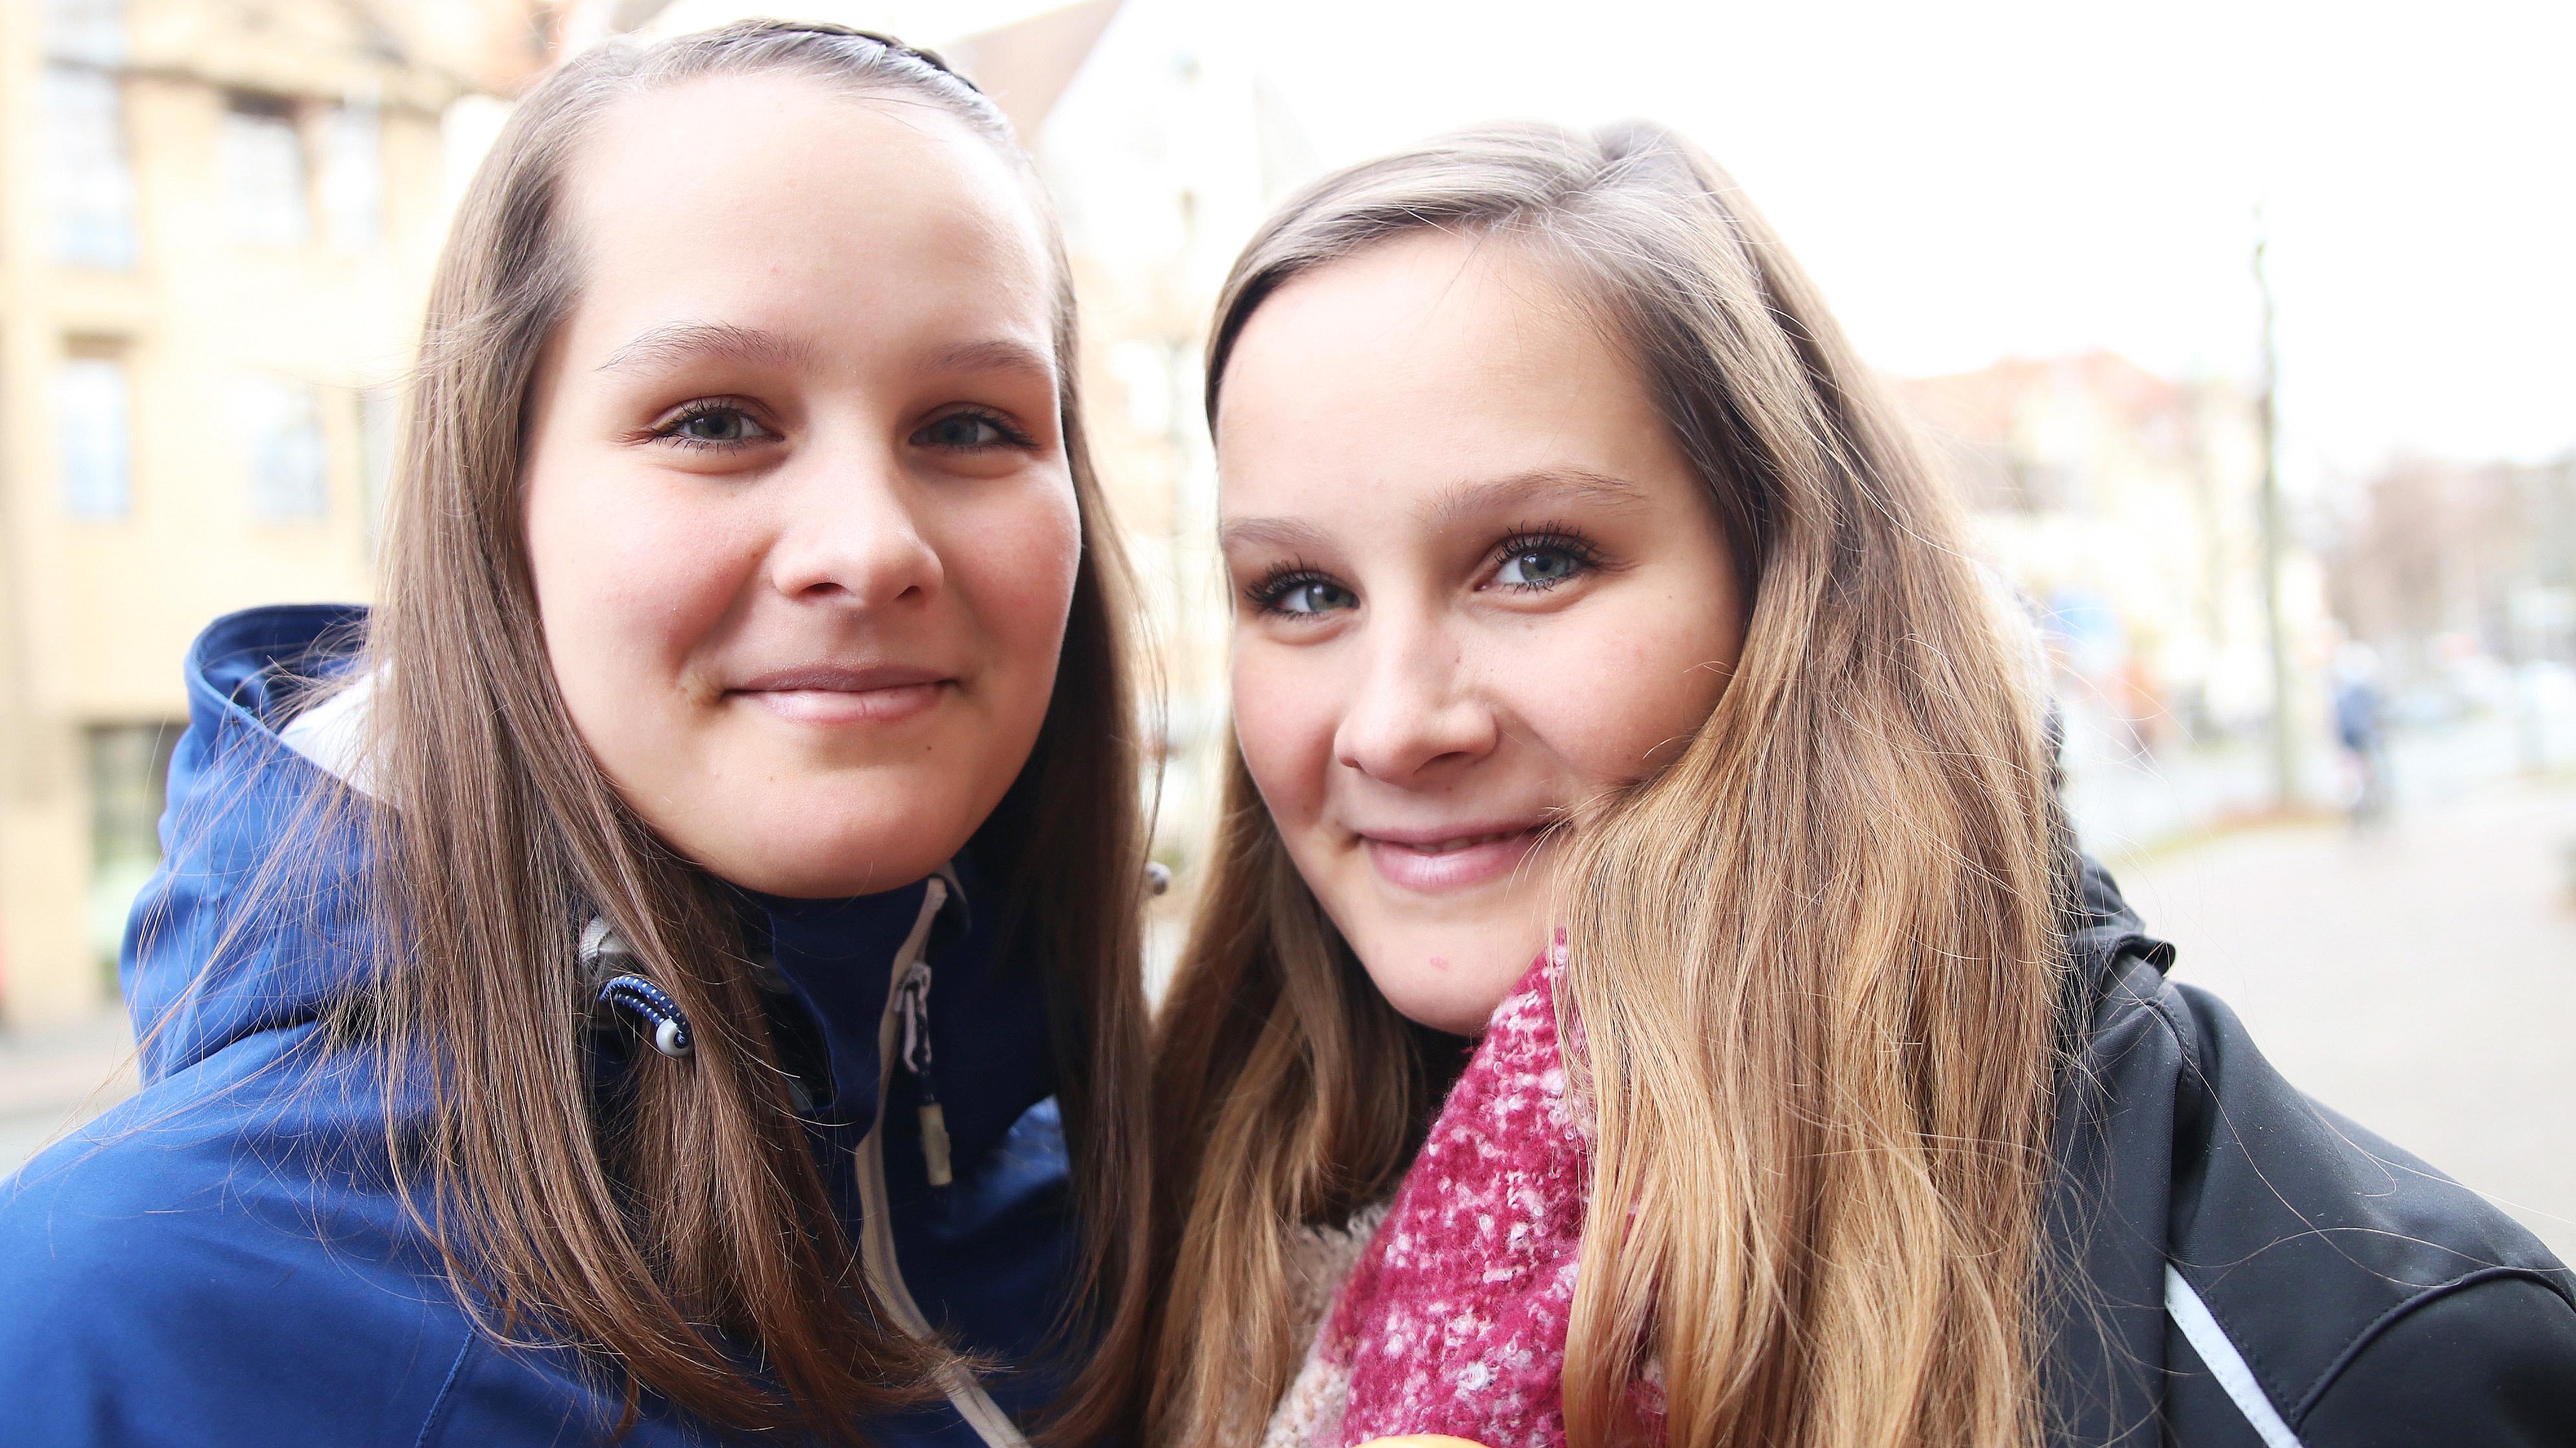 Die eineiigen Zwillingsschwestern Sarah und Lena Stengl haben ein Fastenexperiment gemacht.